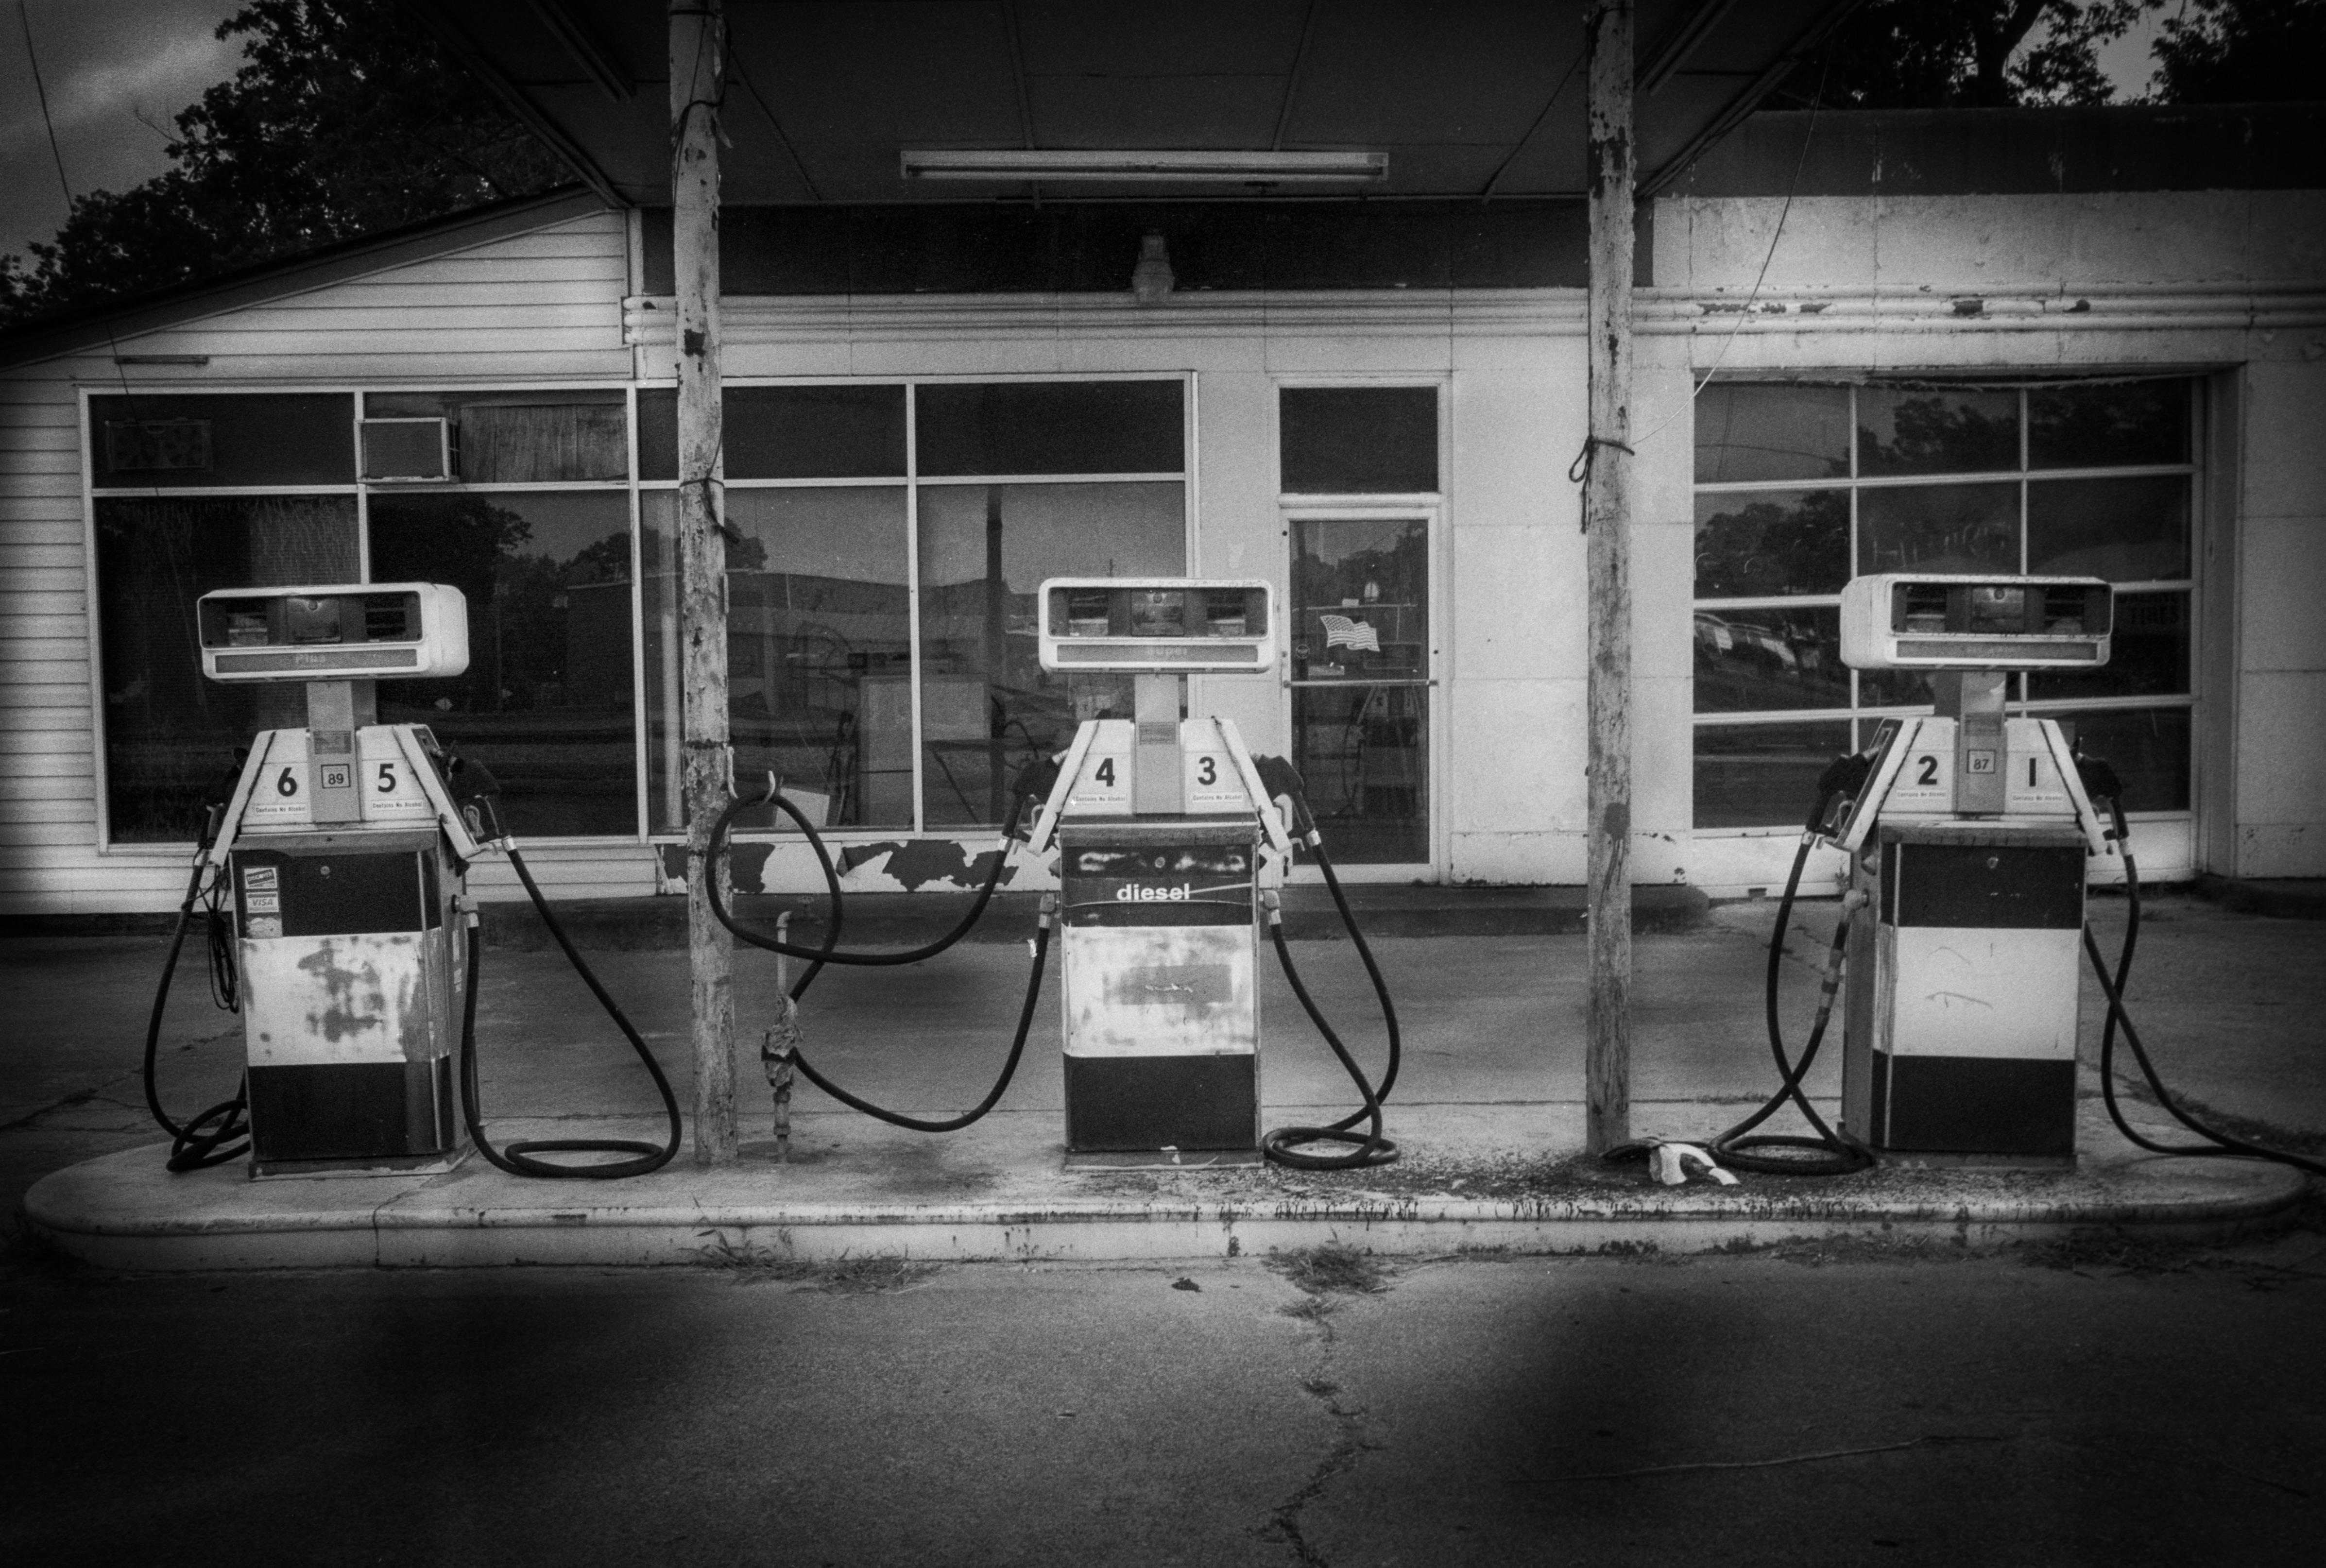 3 Pumps